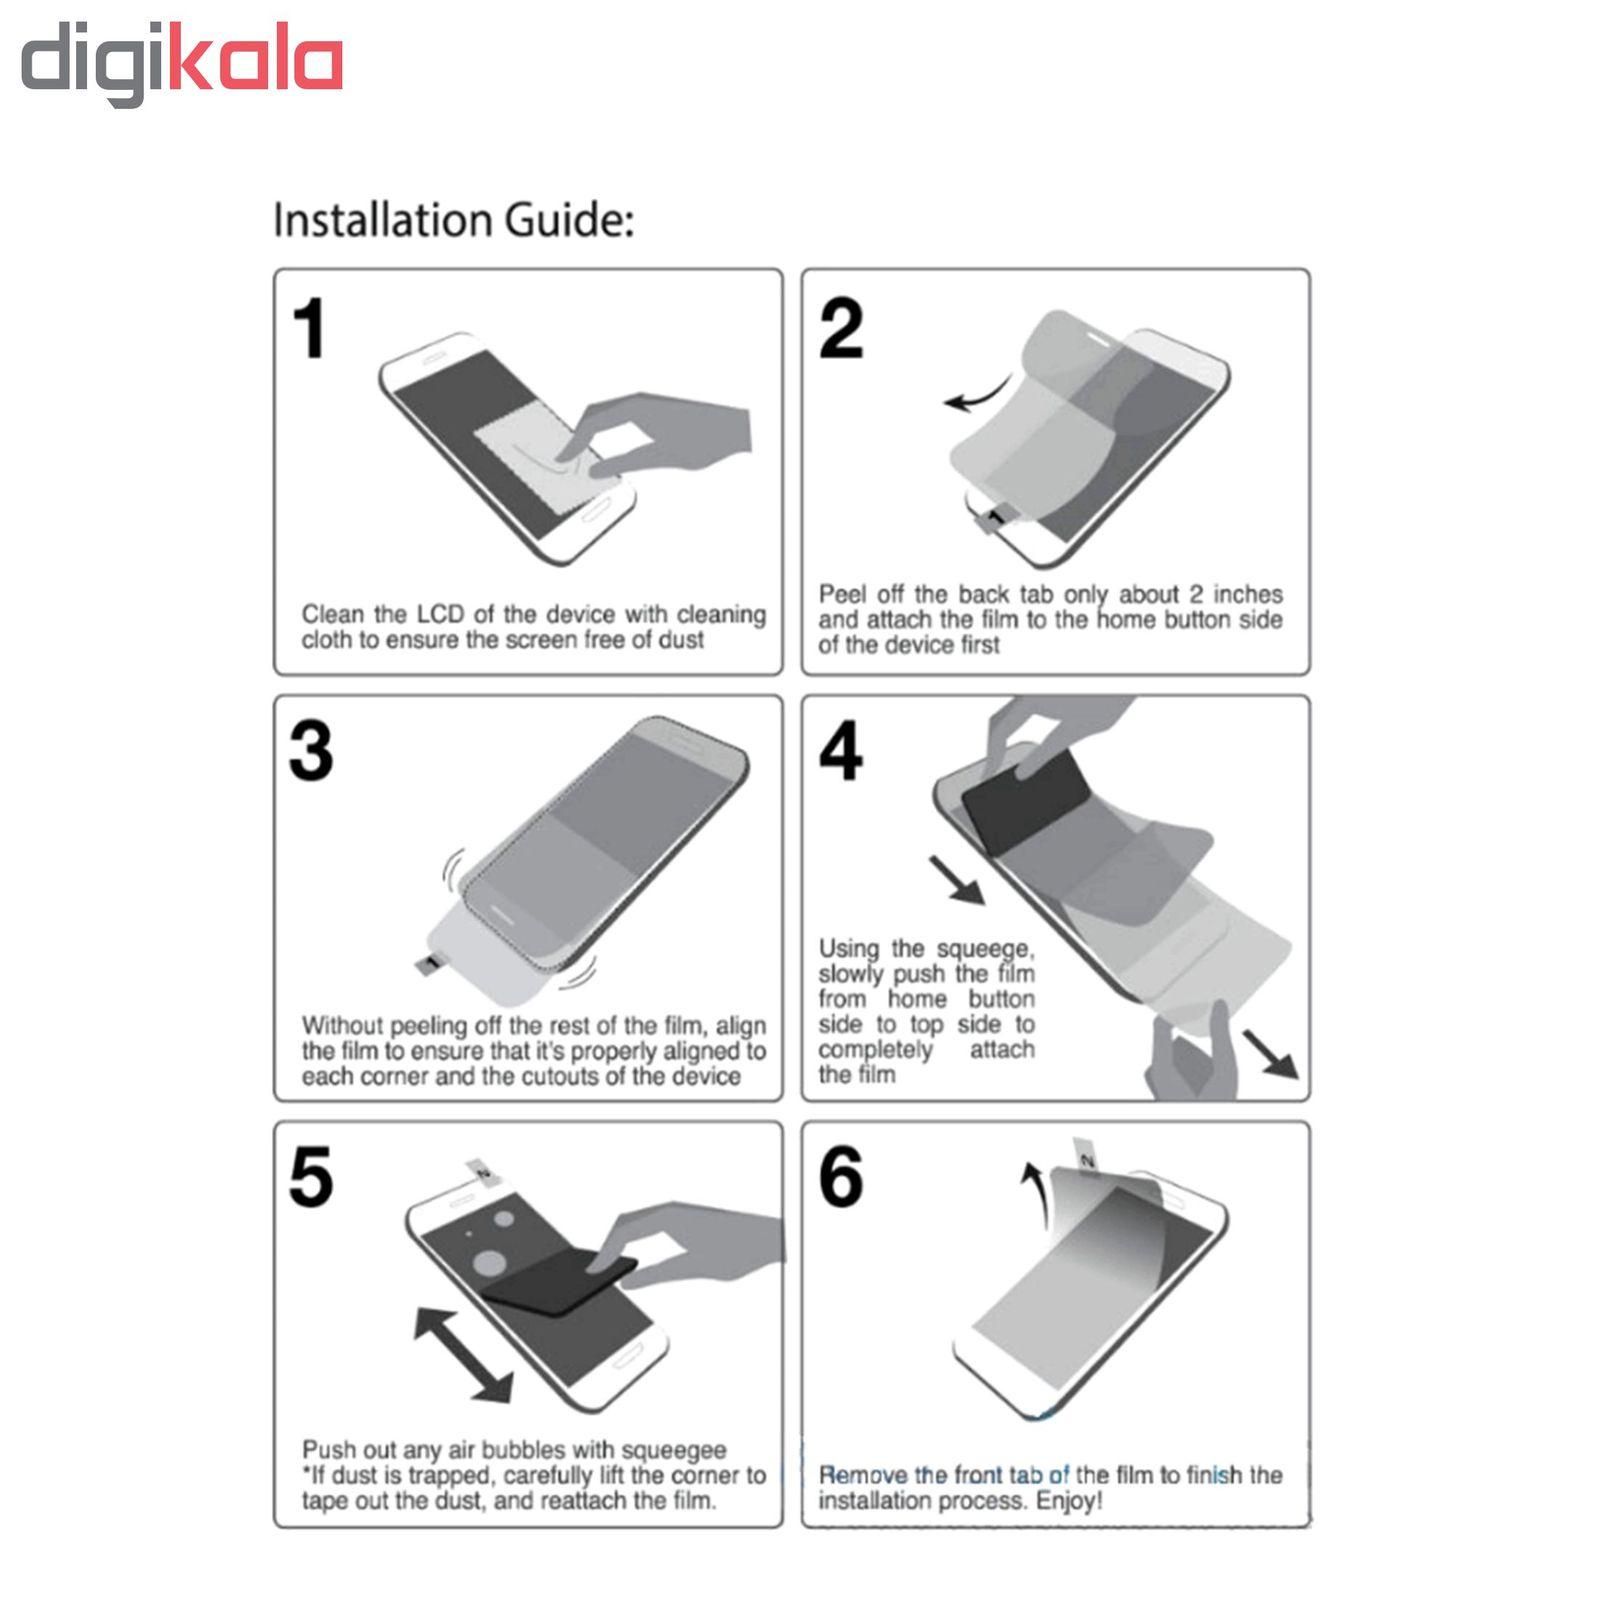 محافظ صفحه نمایش hard and thick مدل F-001 مناسب برای گوشی موبایل سامسونگ Galaxy A20 بسته دو عددی main 1 7